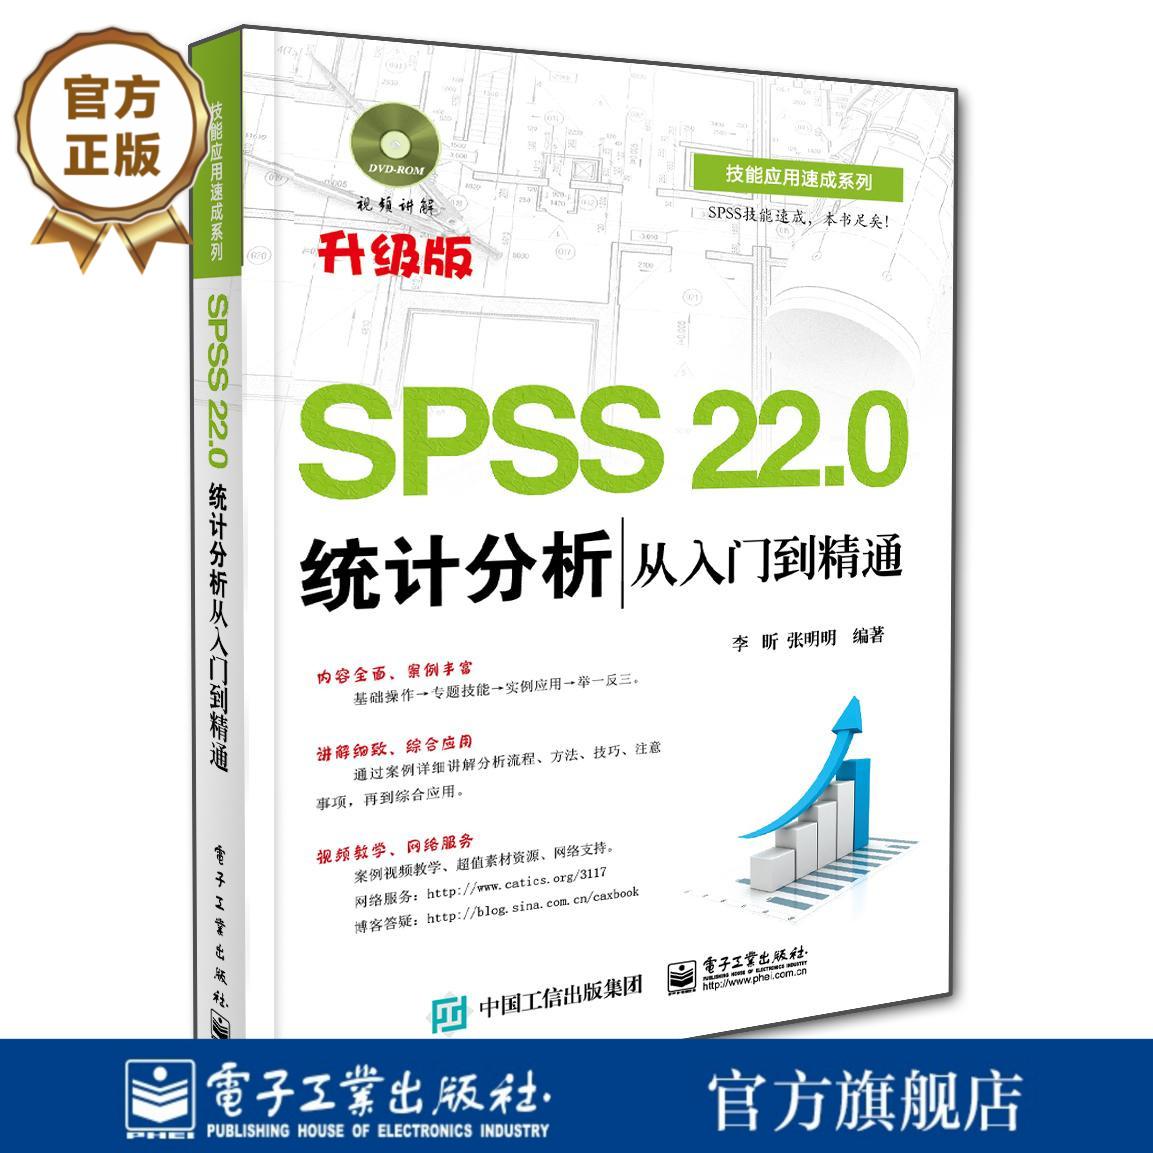 官方正版 SPSS 22.0统计分析从入门到精通 含DVD光盘1张 SPSS22.0视频教程书籍 统计分析 spss统计分析大全cda数据分析师视频